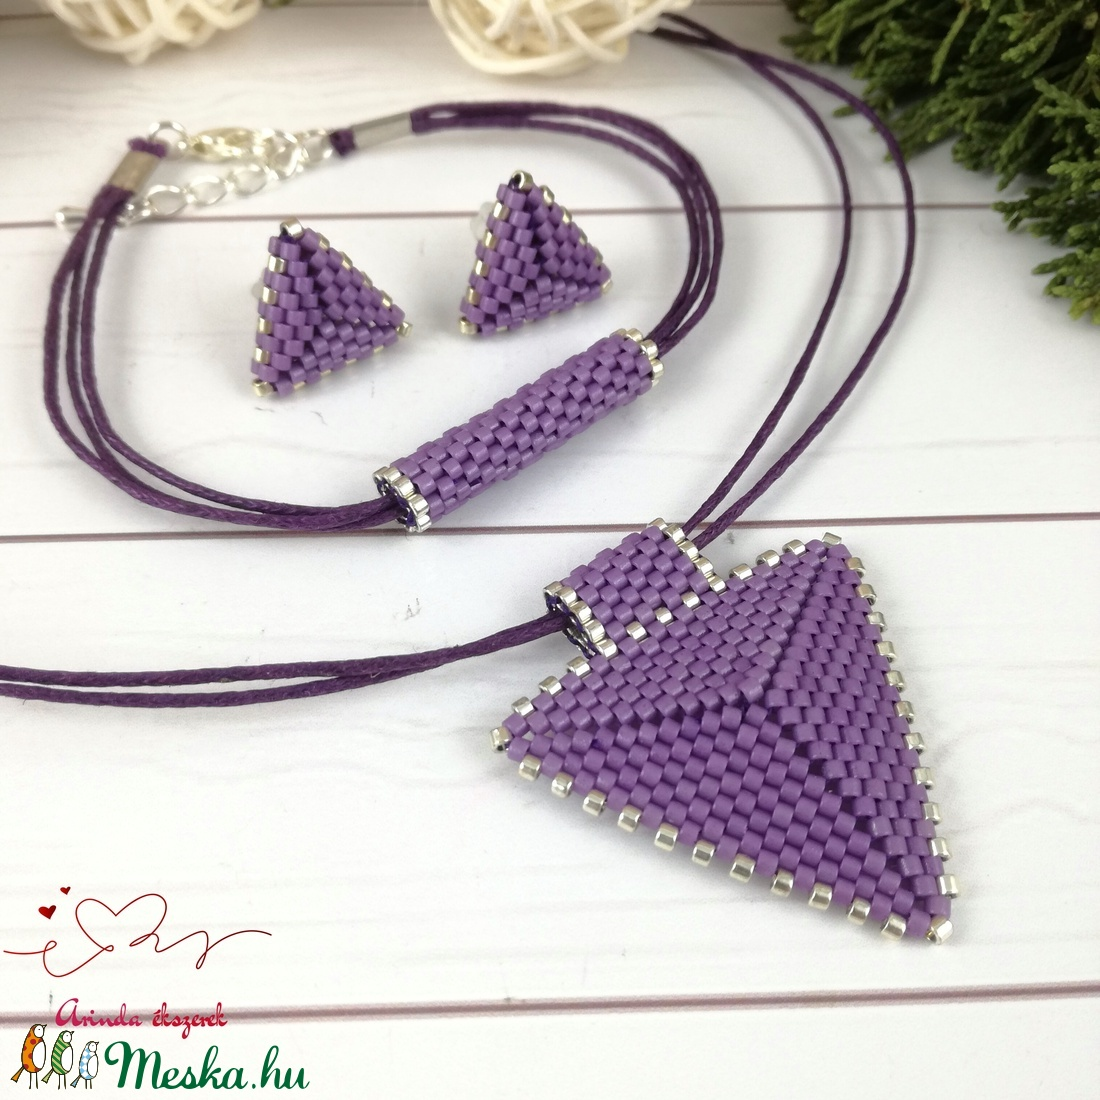 Sötétlila háromszög nyaklánc karkötő fülbevaló egyedi gyöngyékszer anyák napja ballagás évzáró karácsony szülinap névnap - ékszer - ékszerszett - Meska.hu